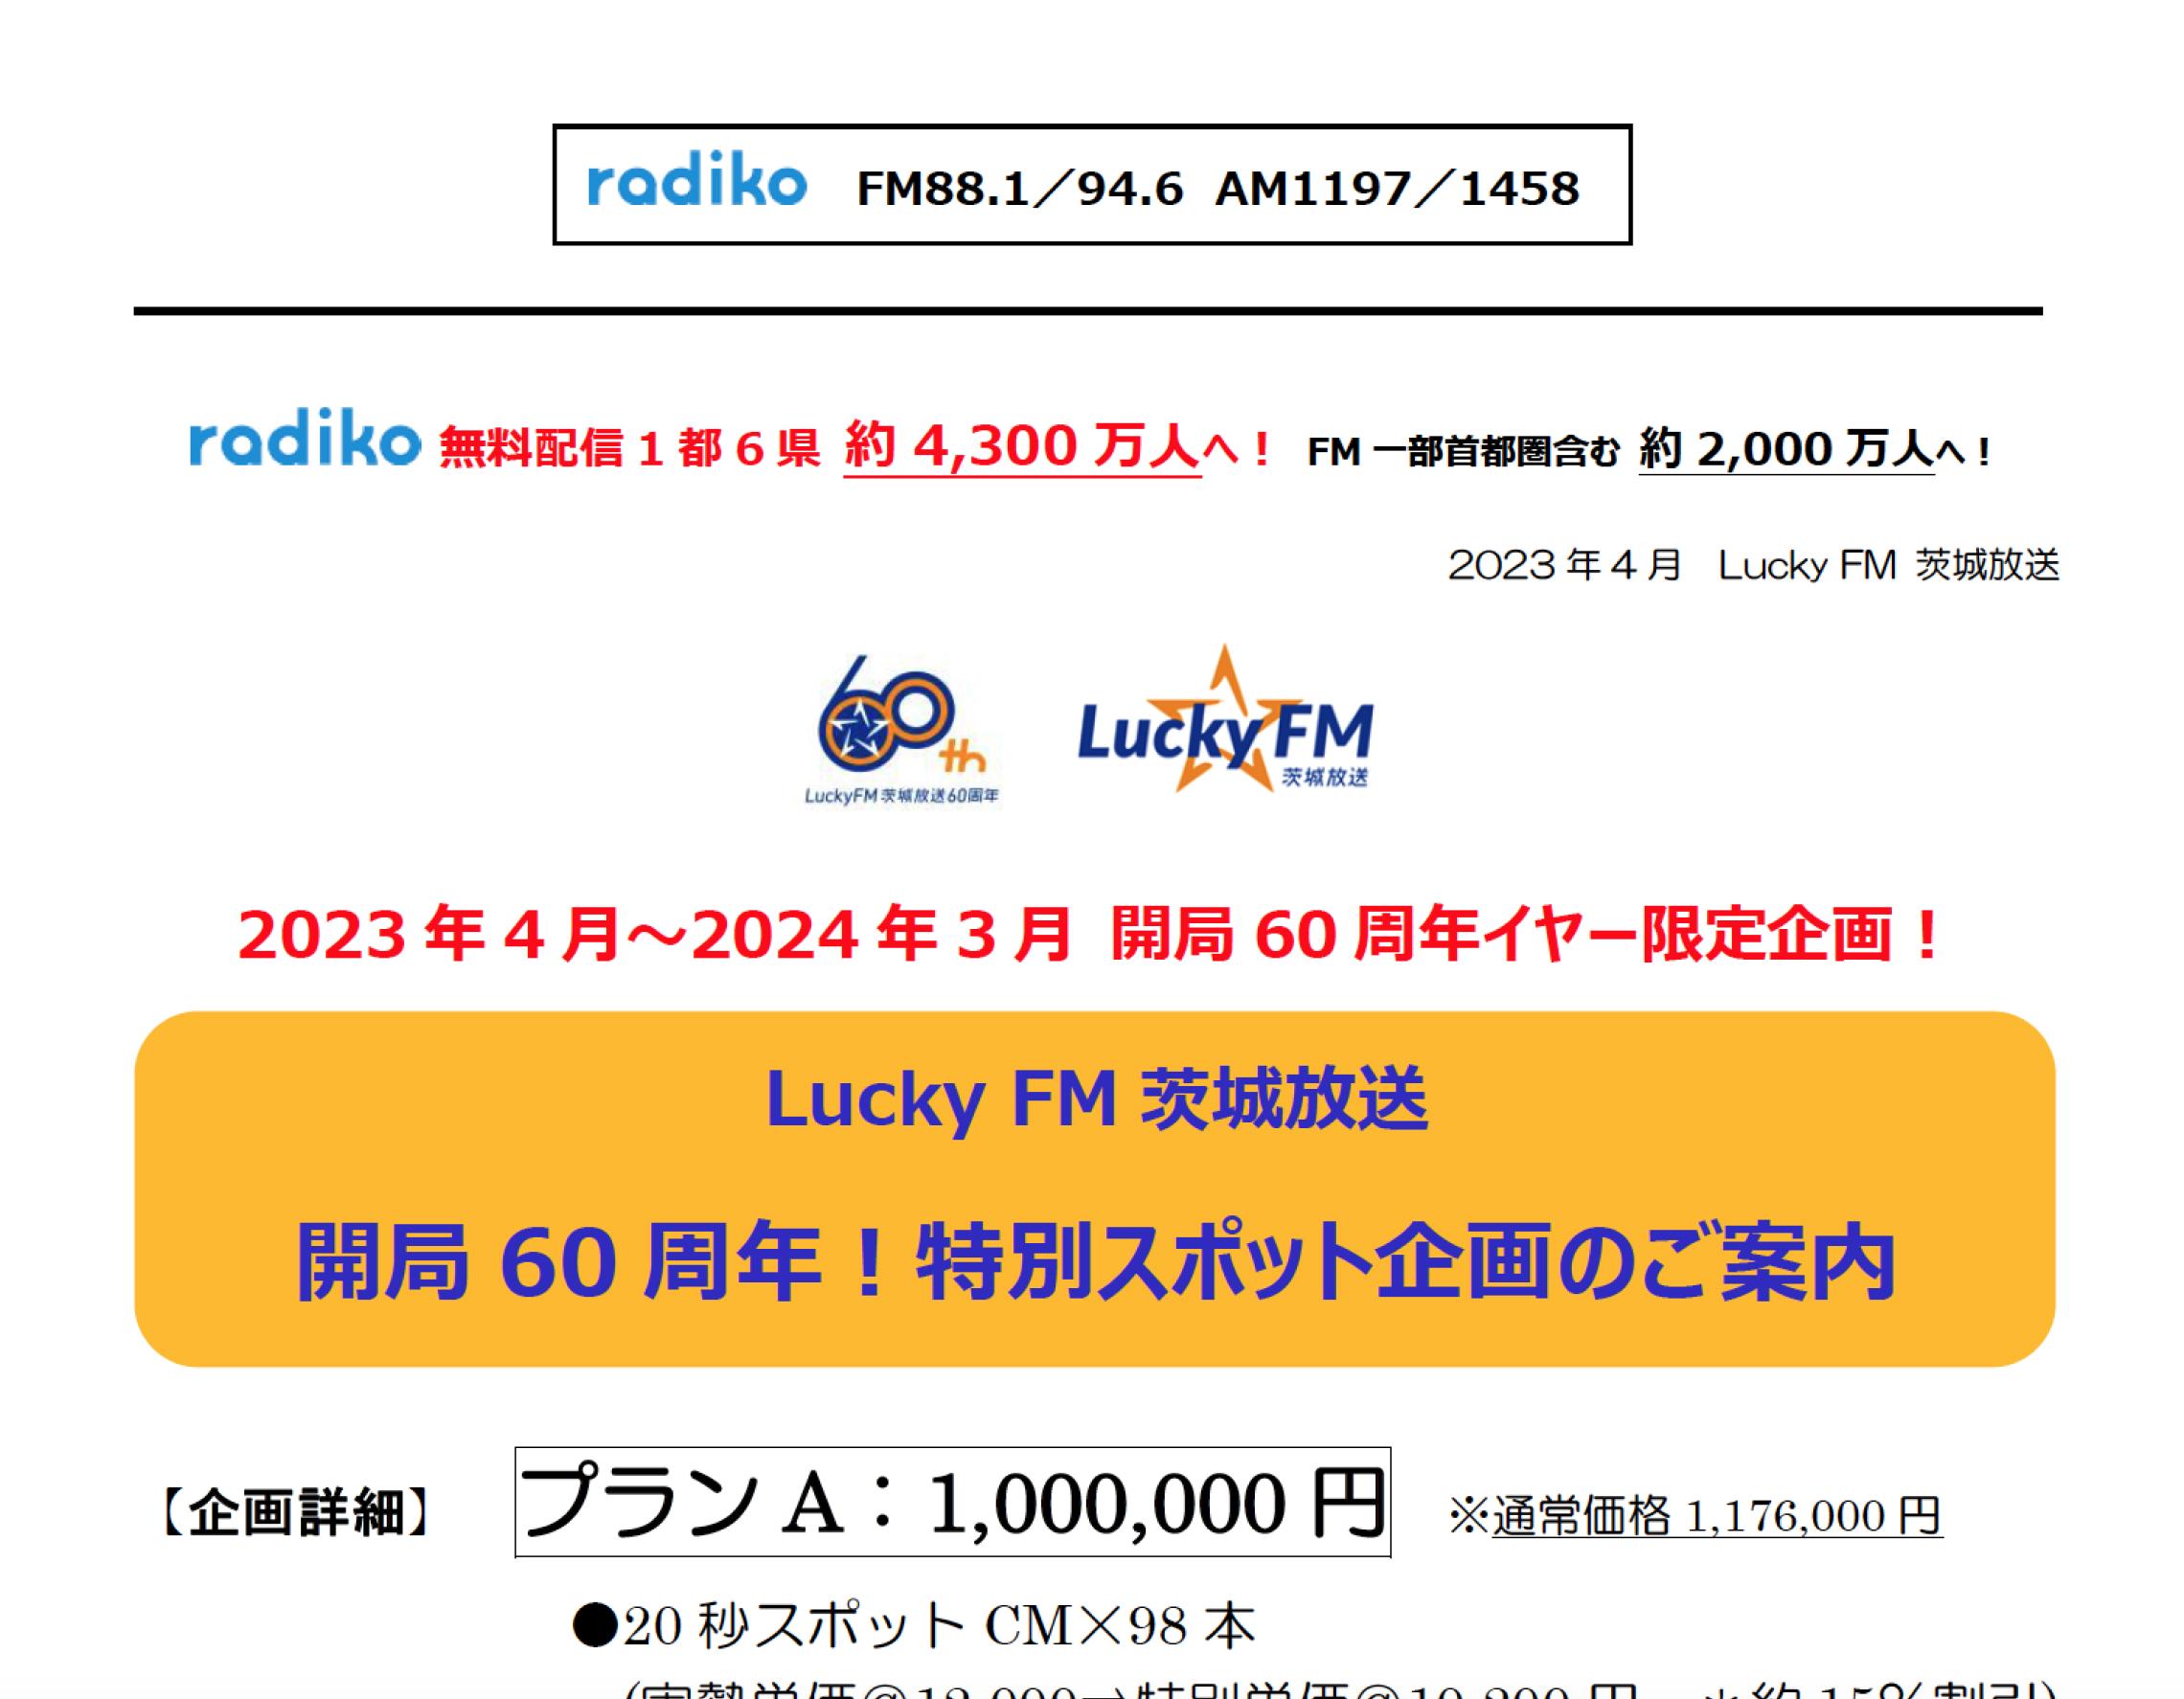 ラジオxTwitter 情報拡散!プレゼント企画